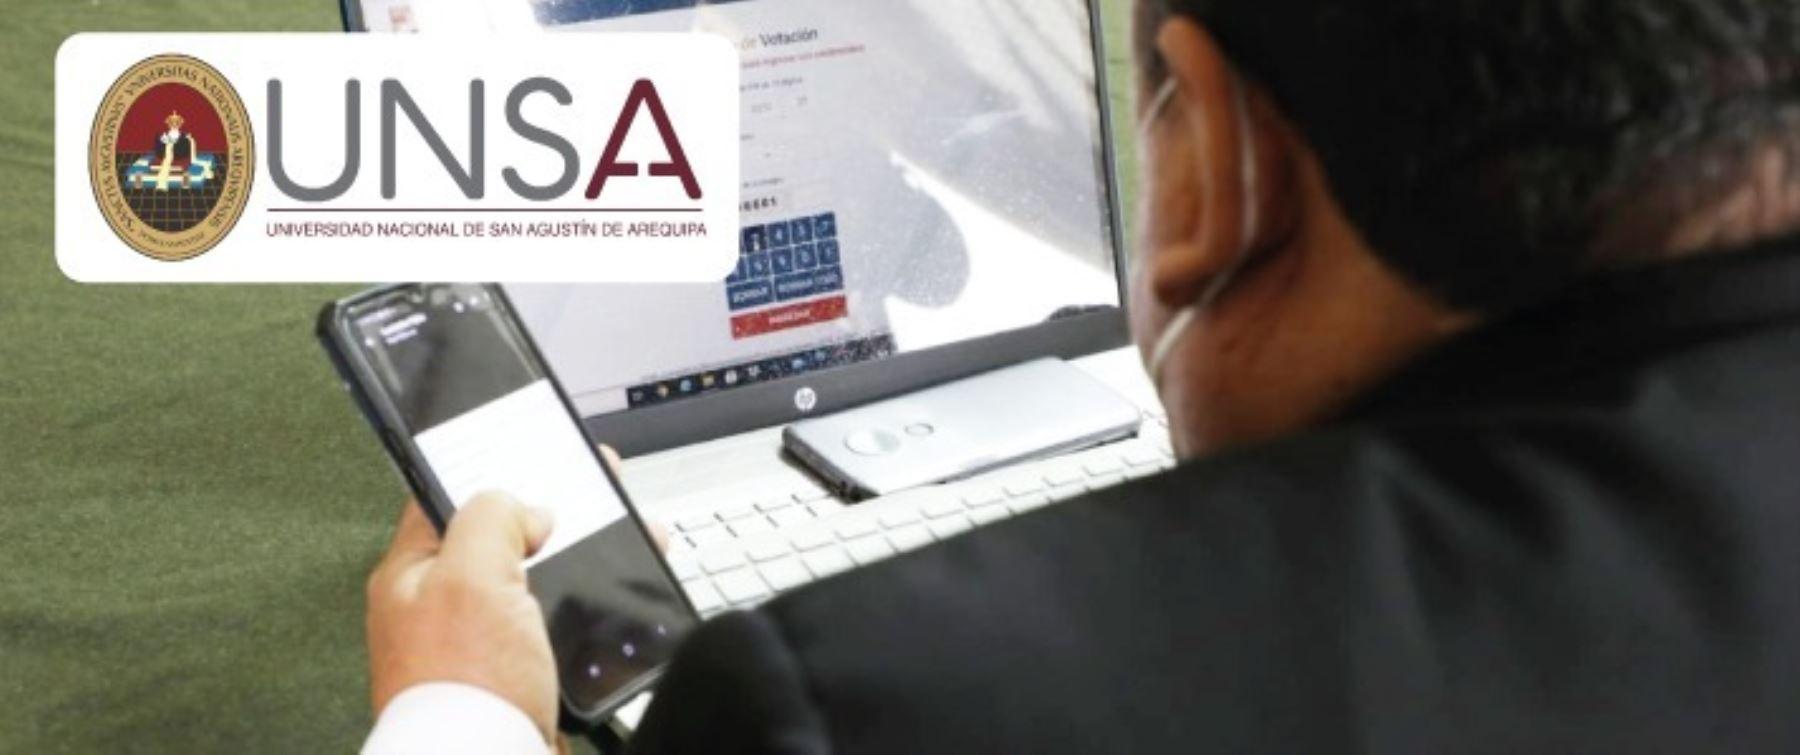 Arequipa: rector de la Unsa será elegido con plataforma virtual de la ONPE